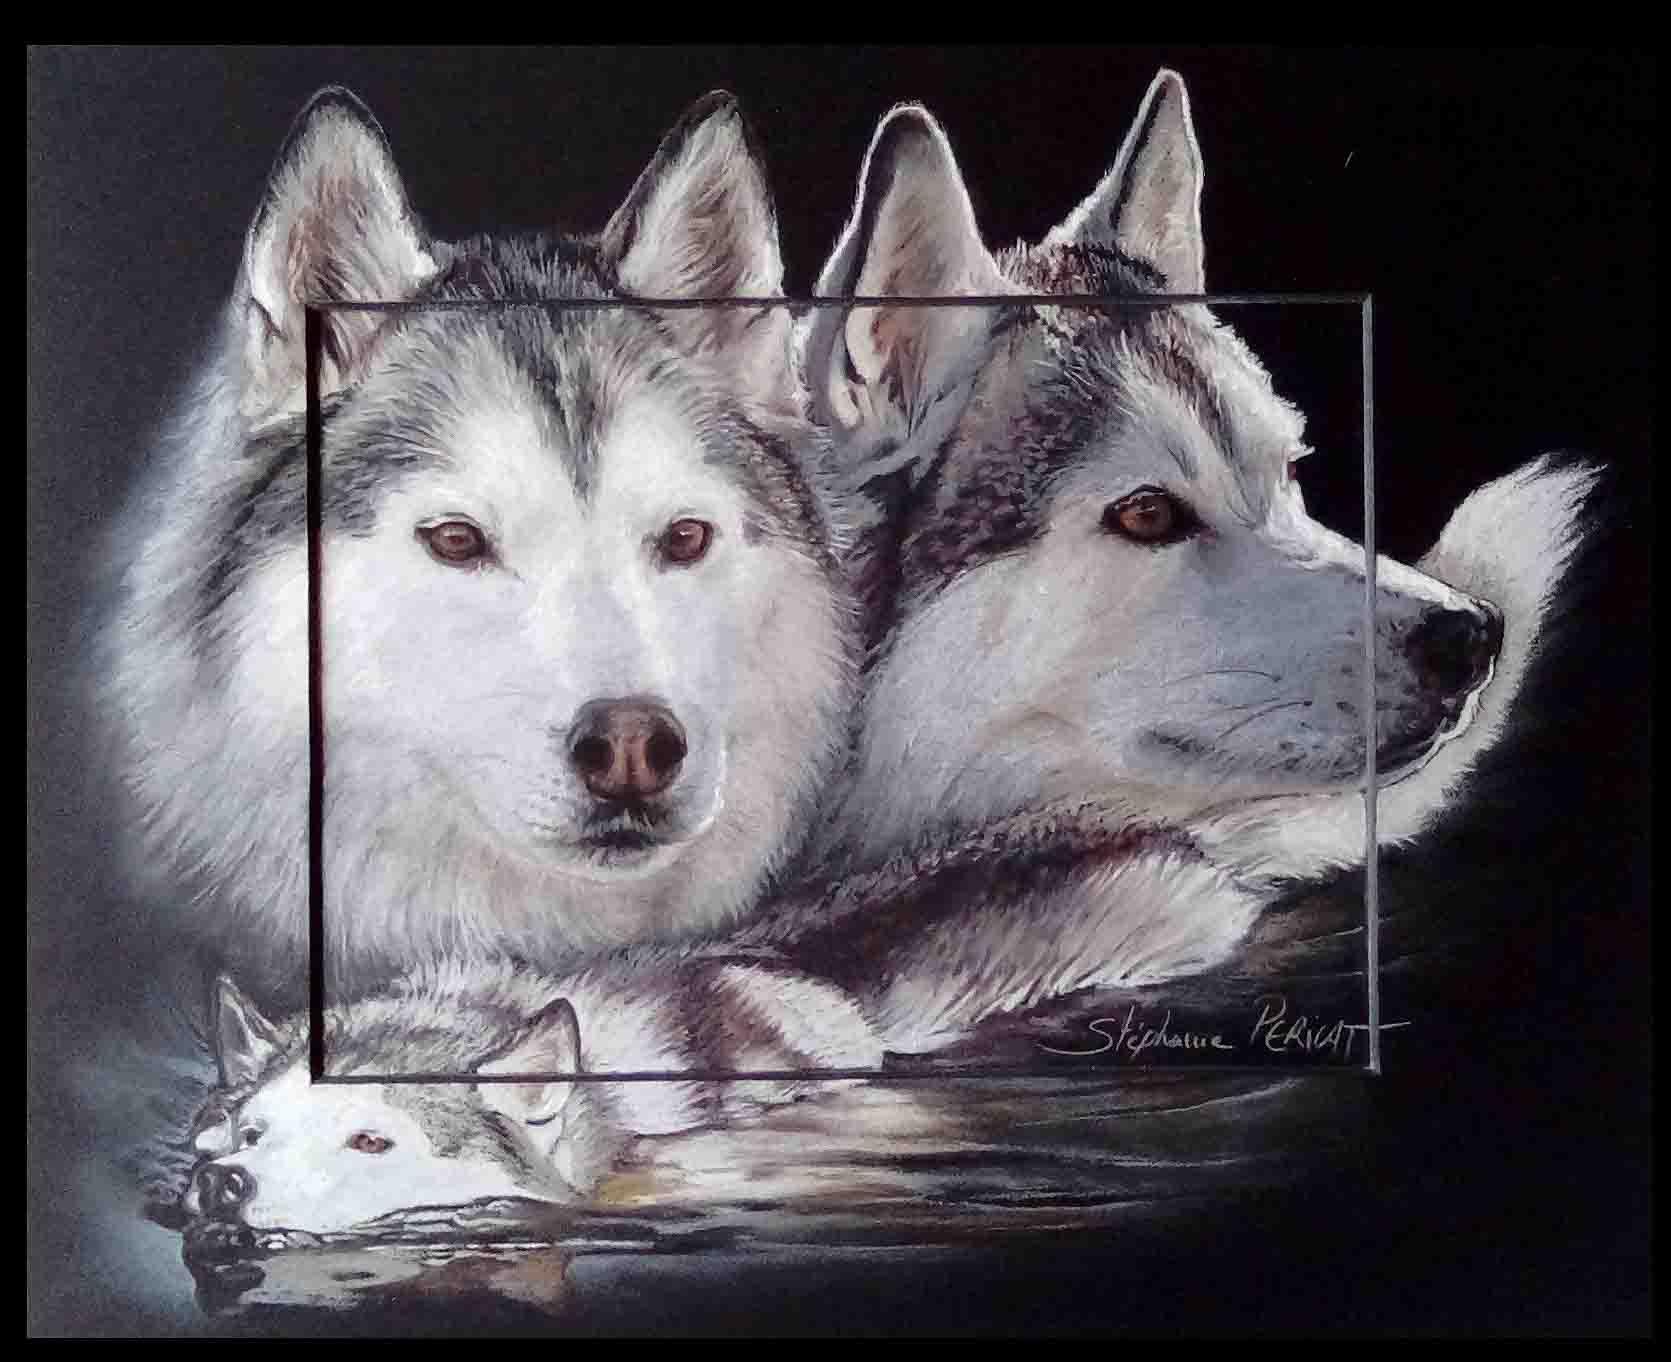 Luna, femelle husky - pastel sec (soft pastel) - 24x30cm - merci à ses propriétaires pour leur confiance